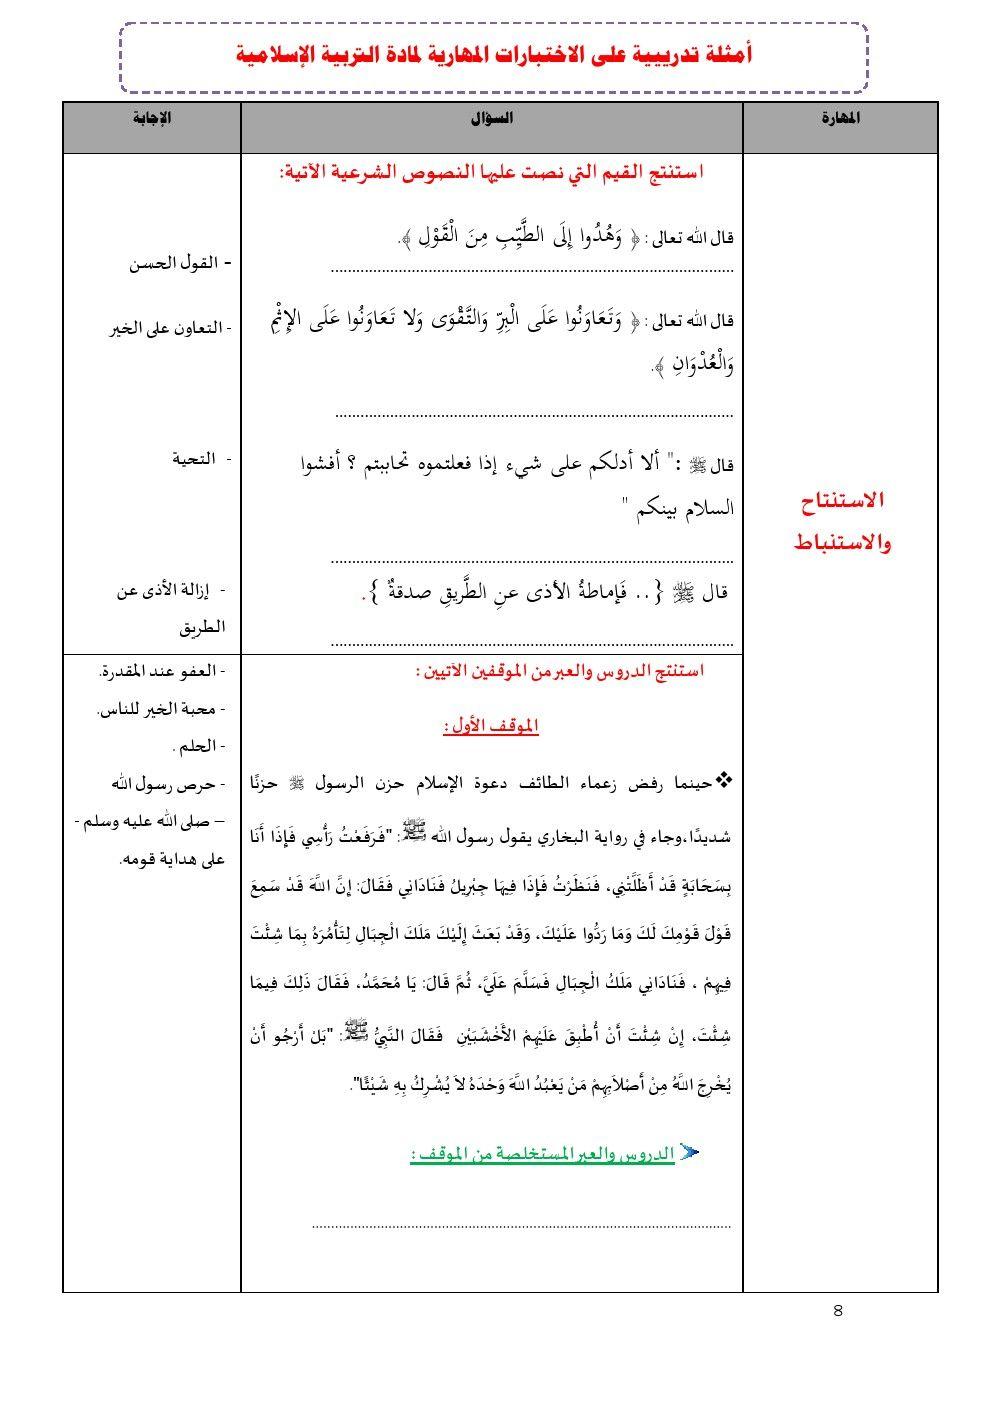 حكم عن الكبرياء امثال وحكم عن الكبرياء Arabic Calligraphy